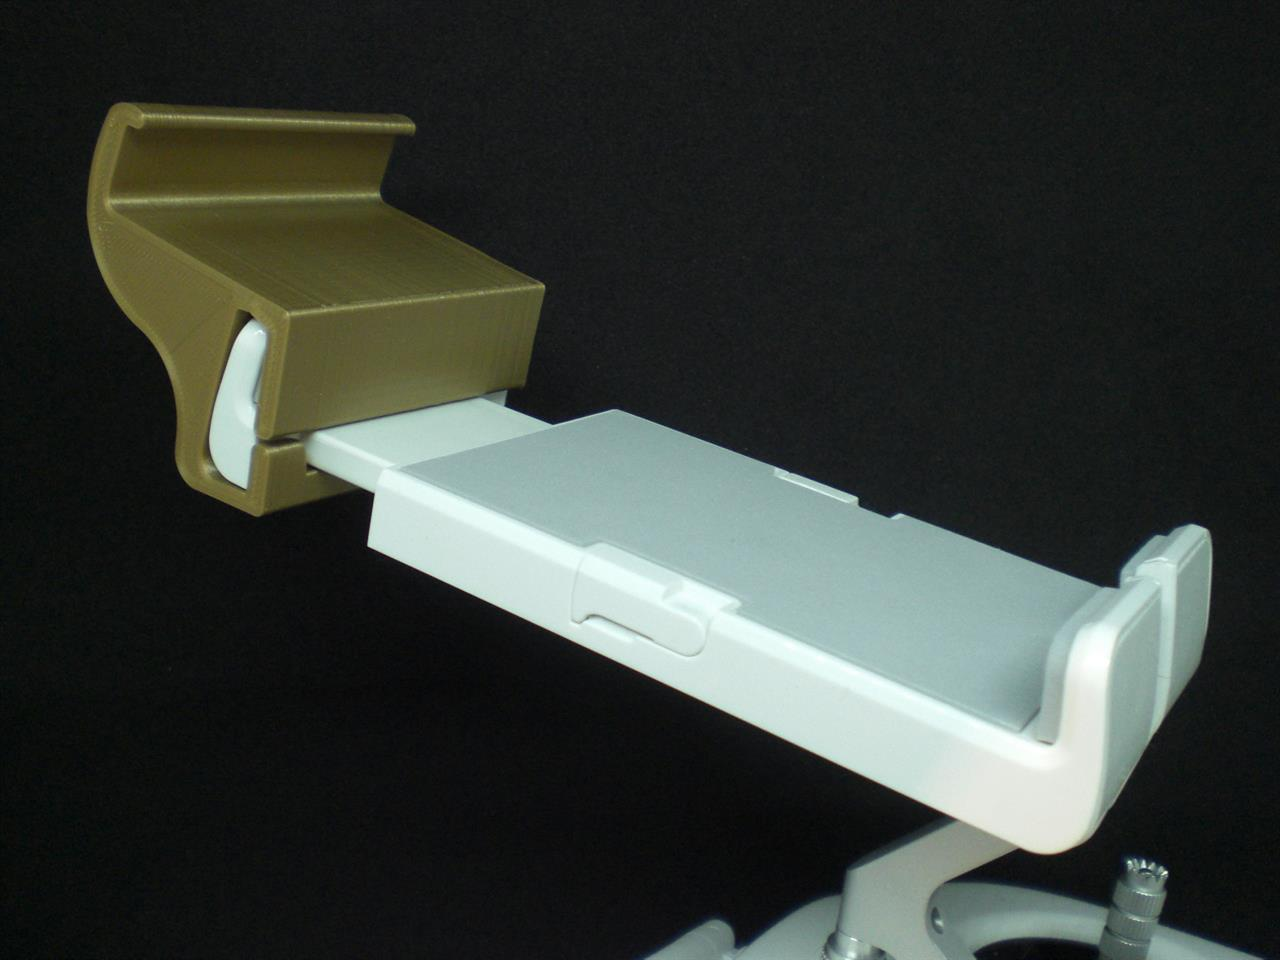 DJI Phantom 3/Inspire tablet holder extender